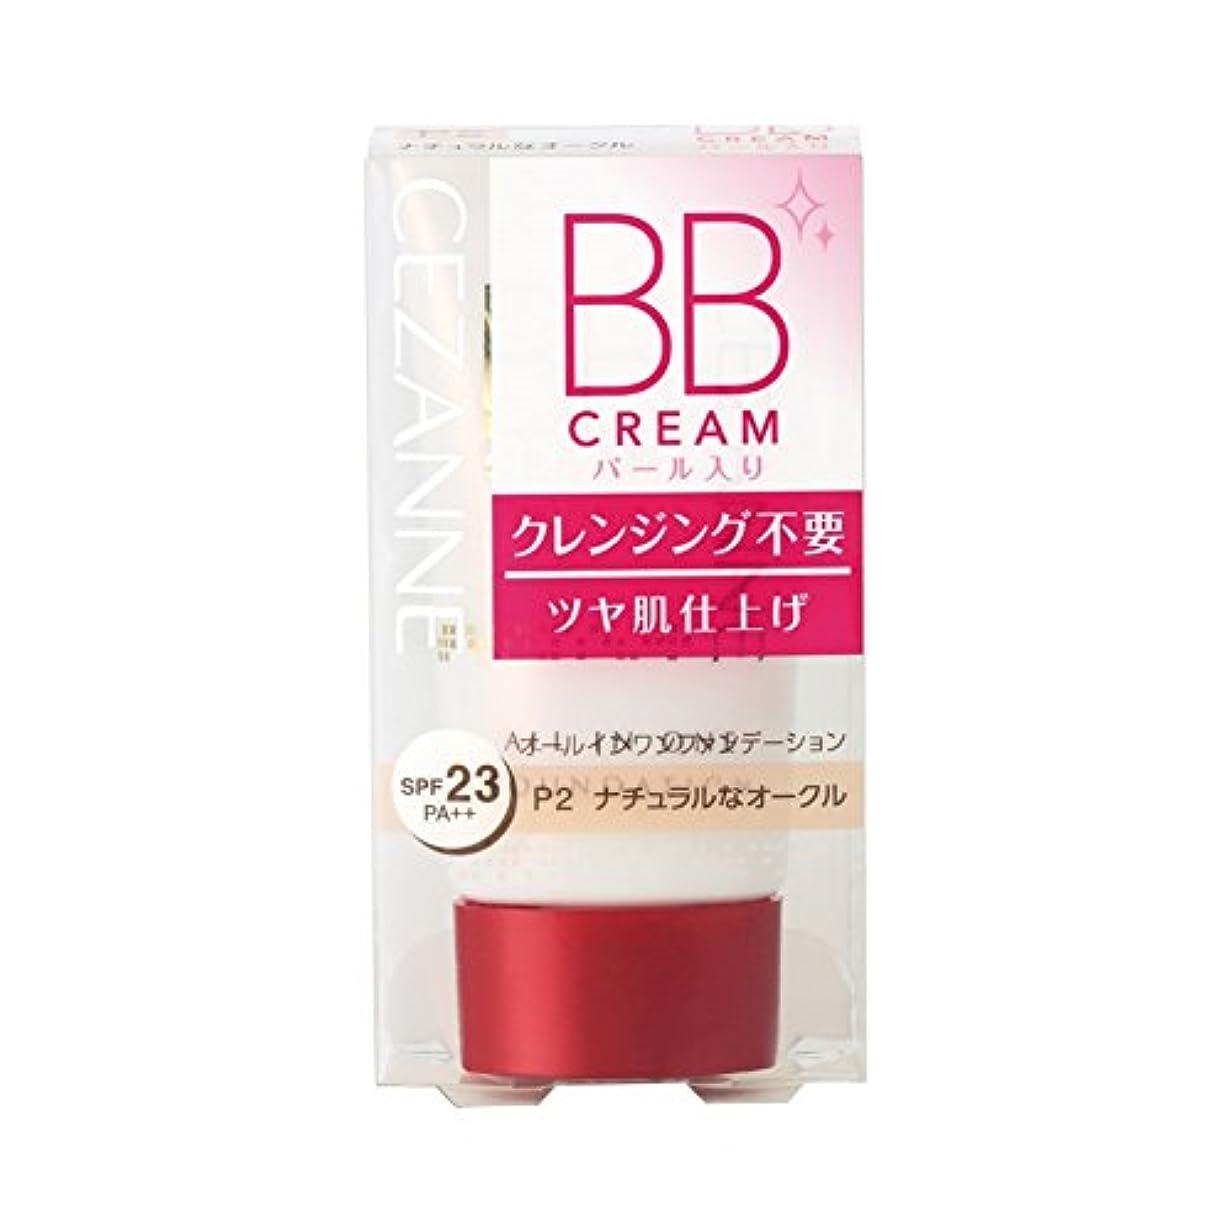 ヘロインドナー立証するセザンヌ BBクリーム P2